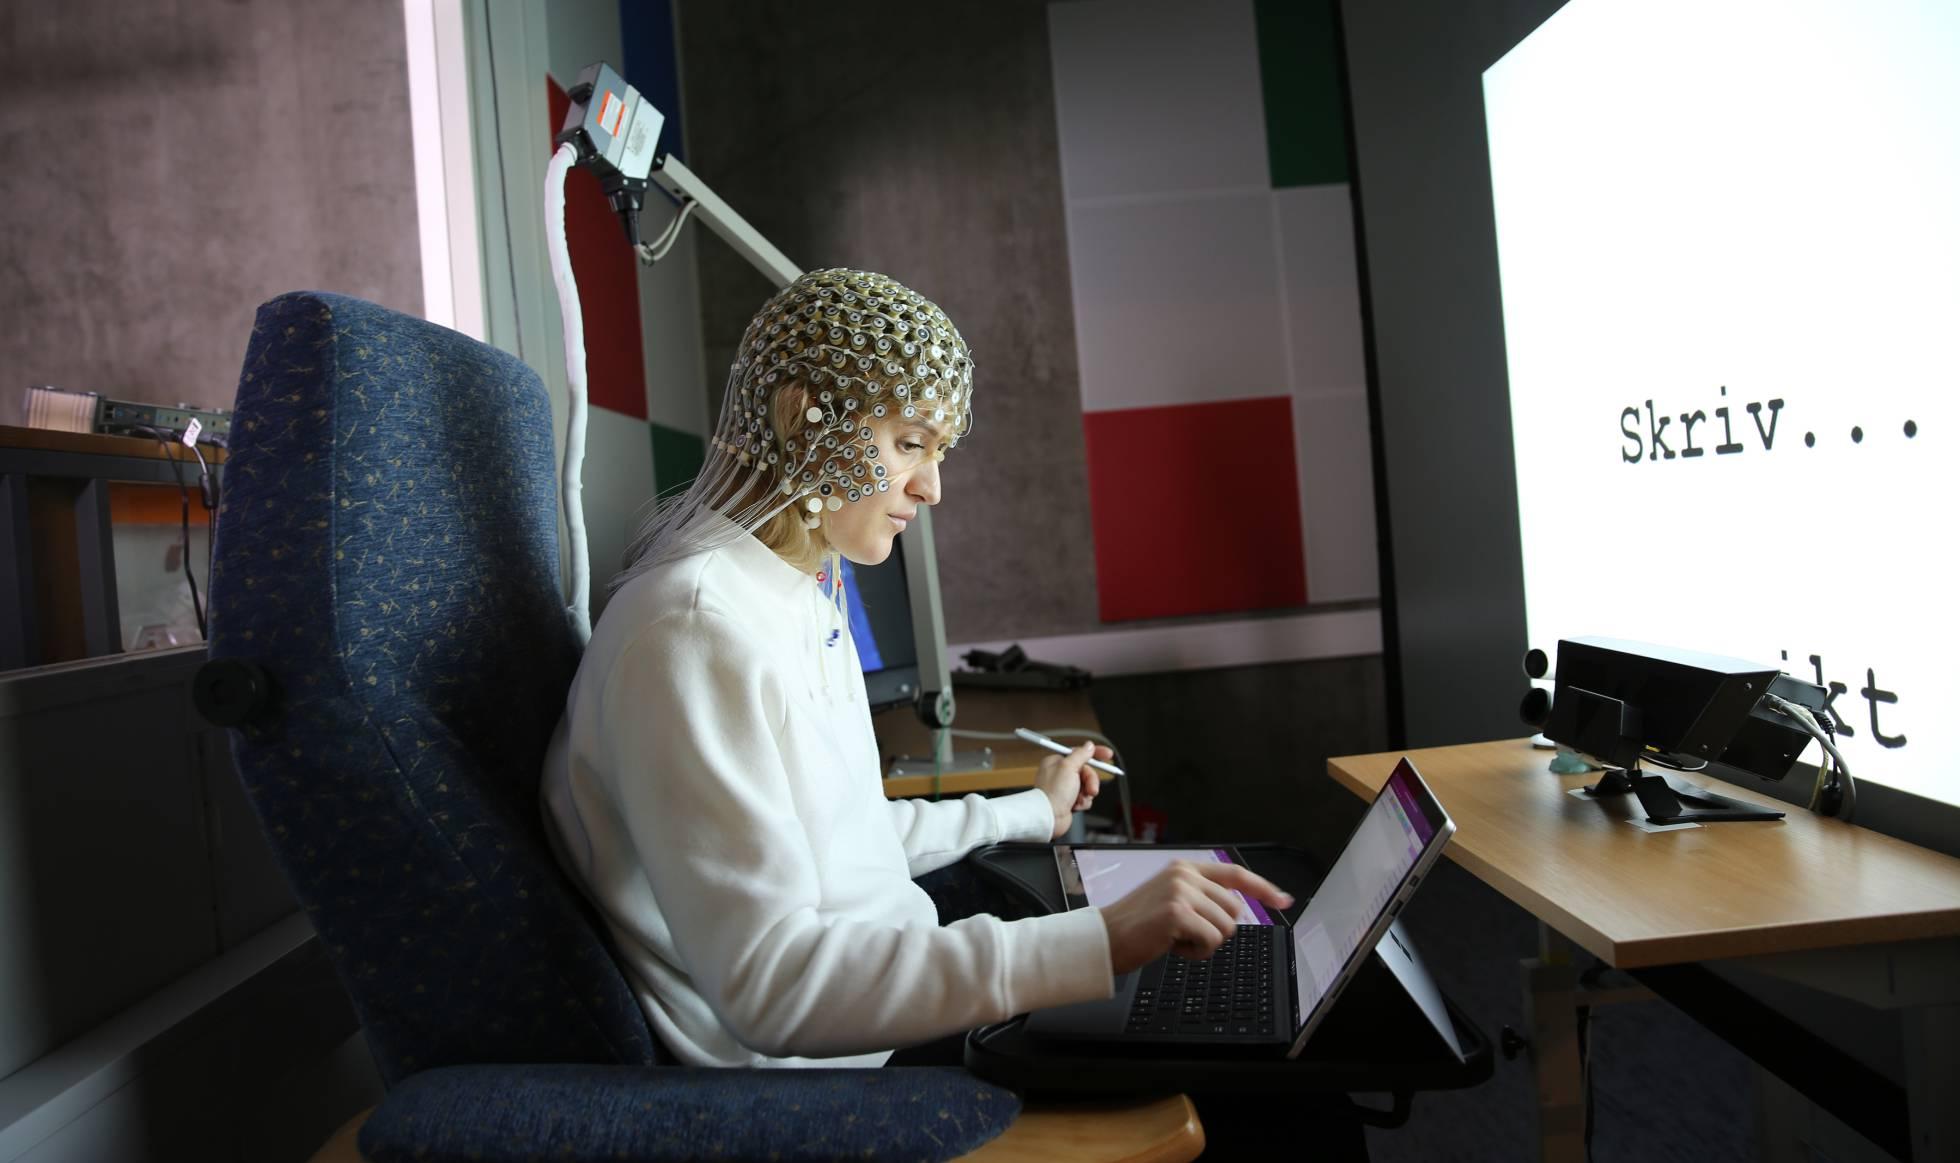 Una estudiante en el transcurso del experimento